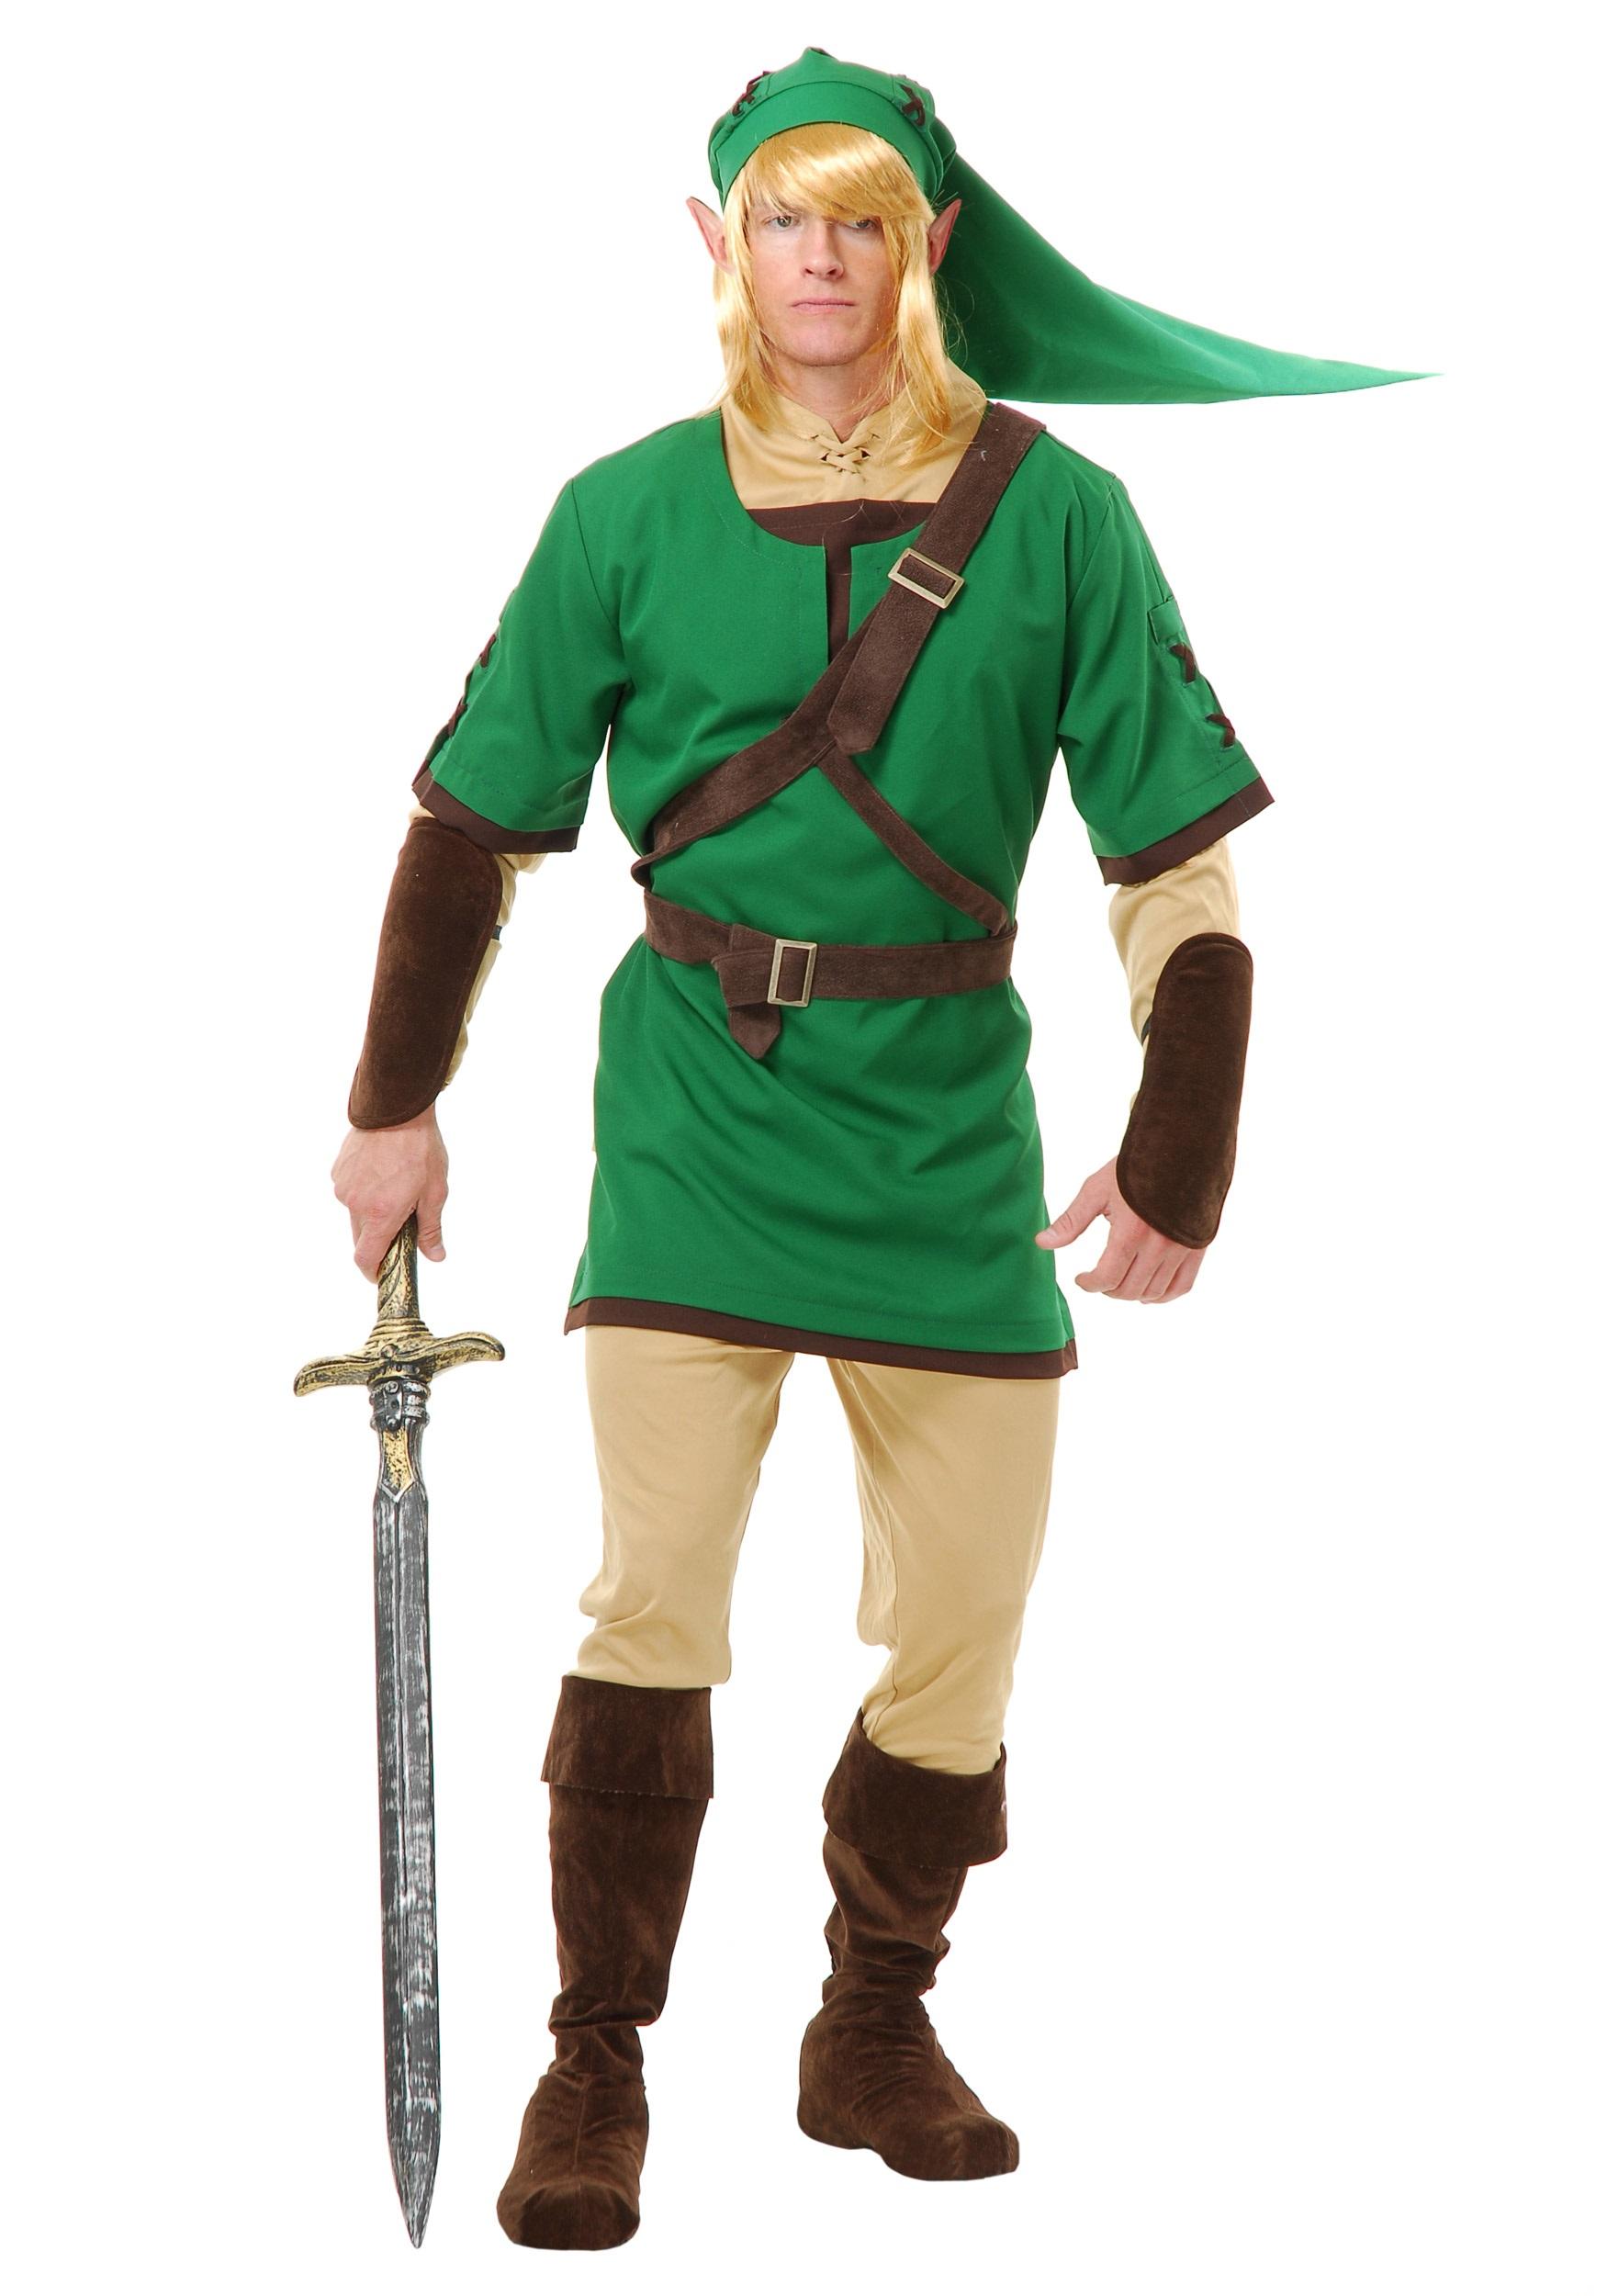 Adult haloween costume ideas